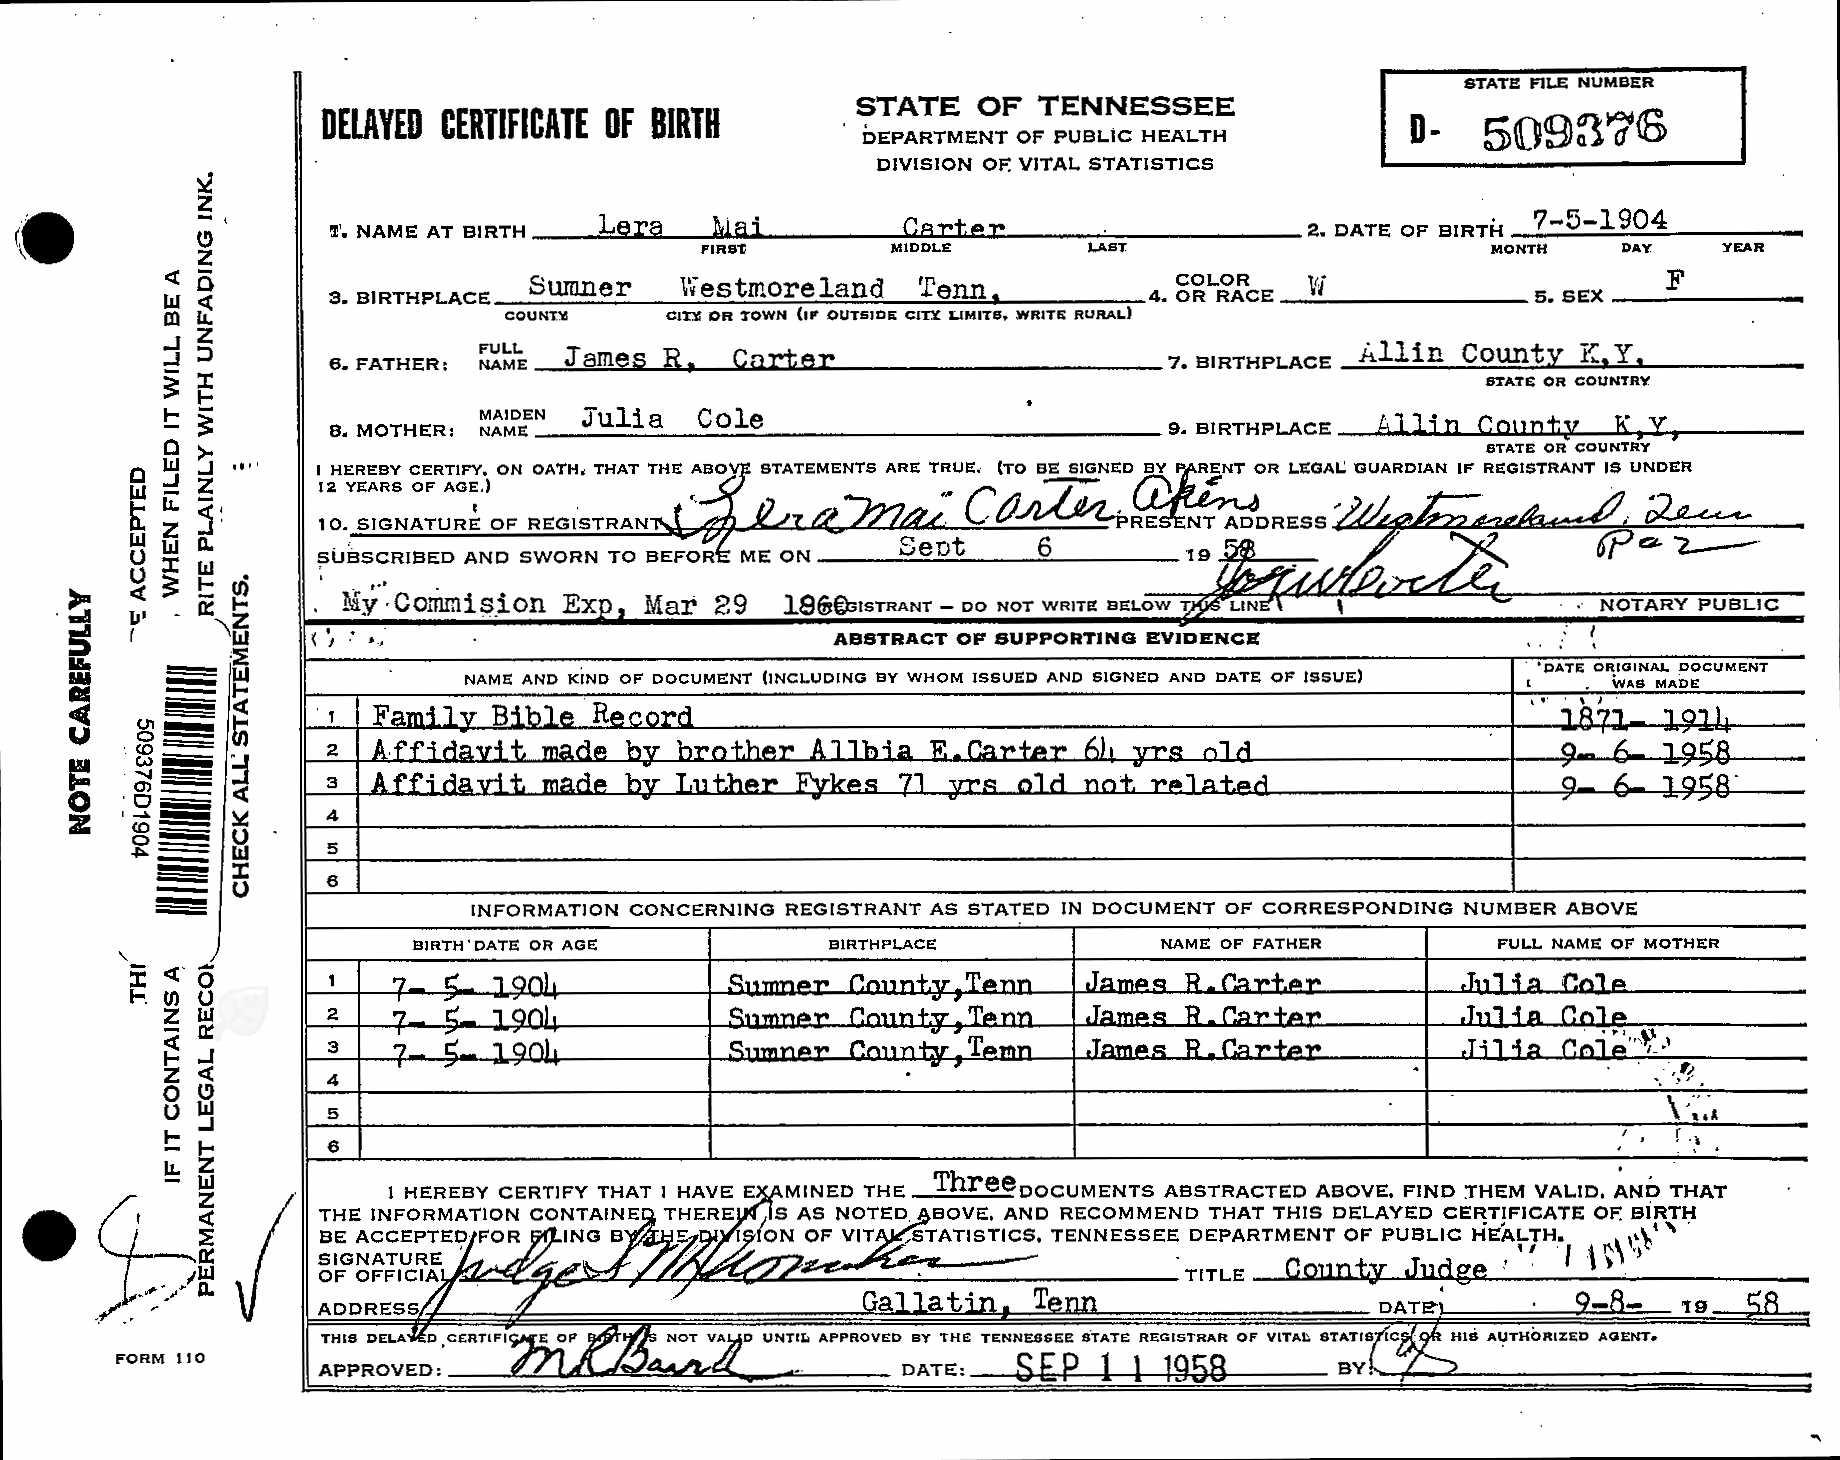 Delayed Birth Record For Lera Mai Carter Akins